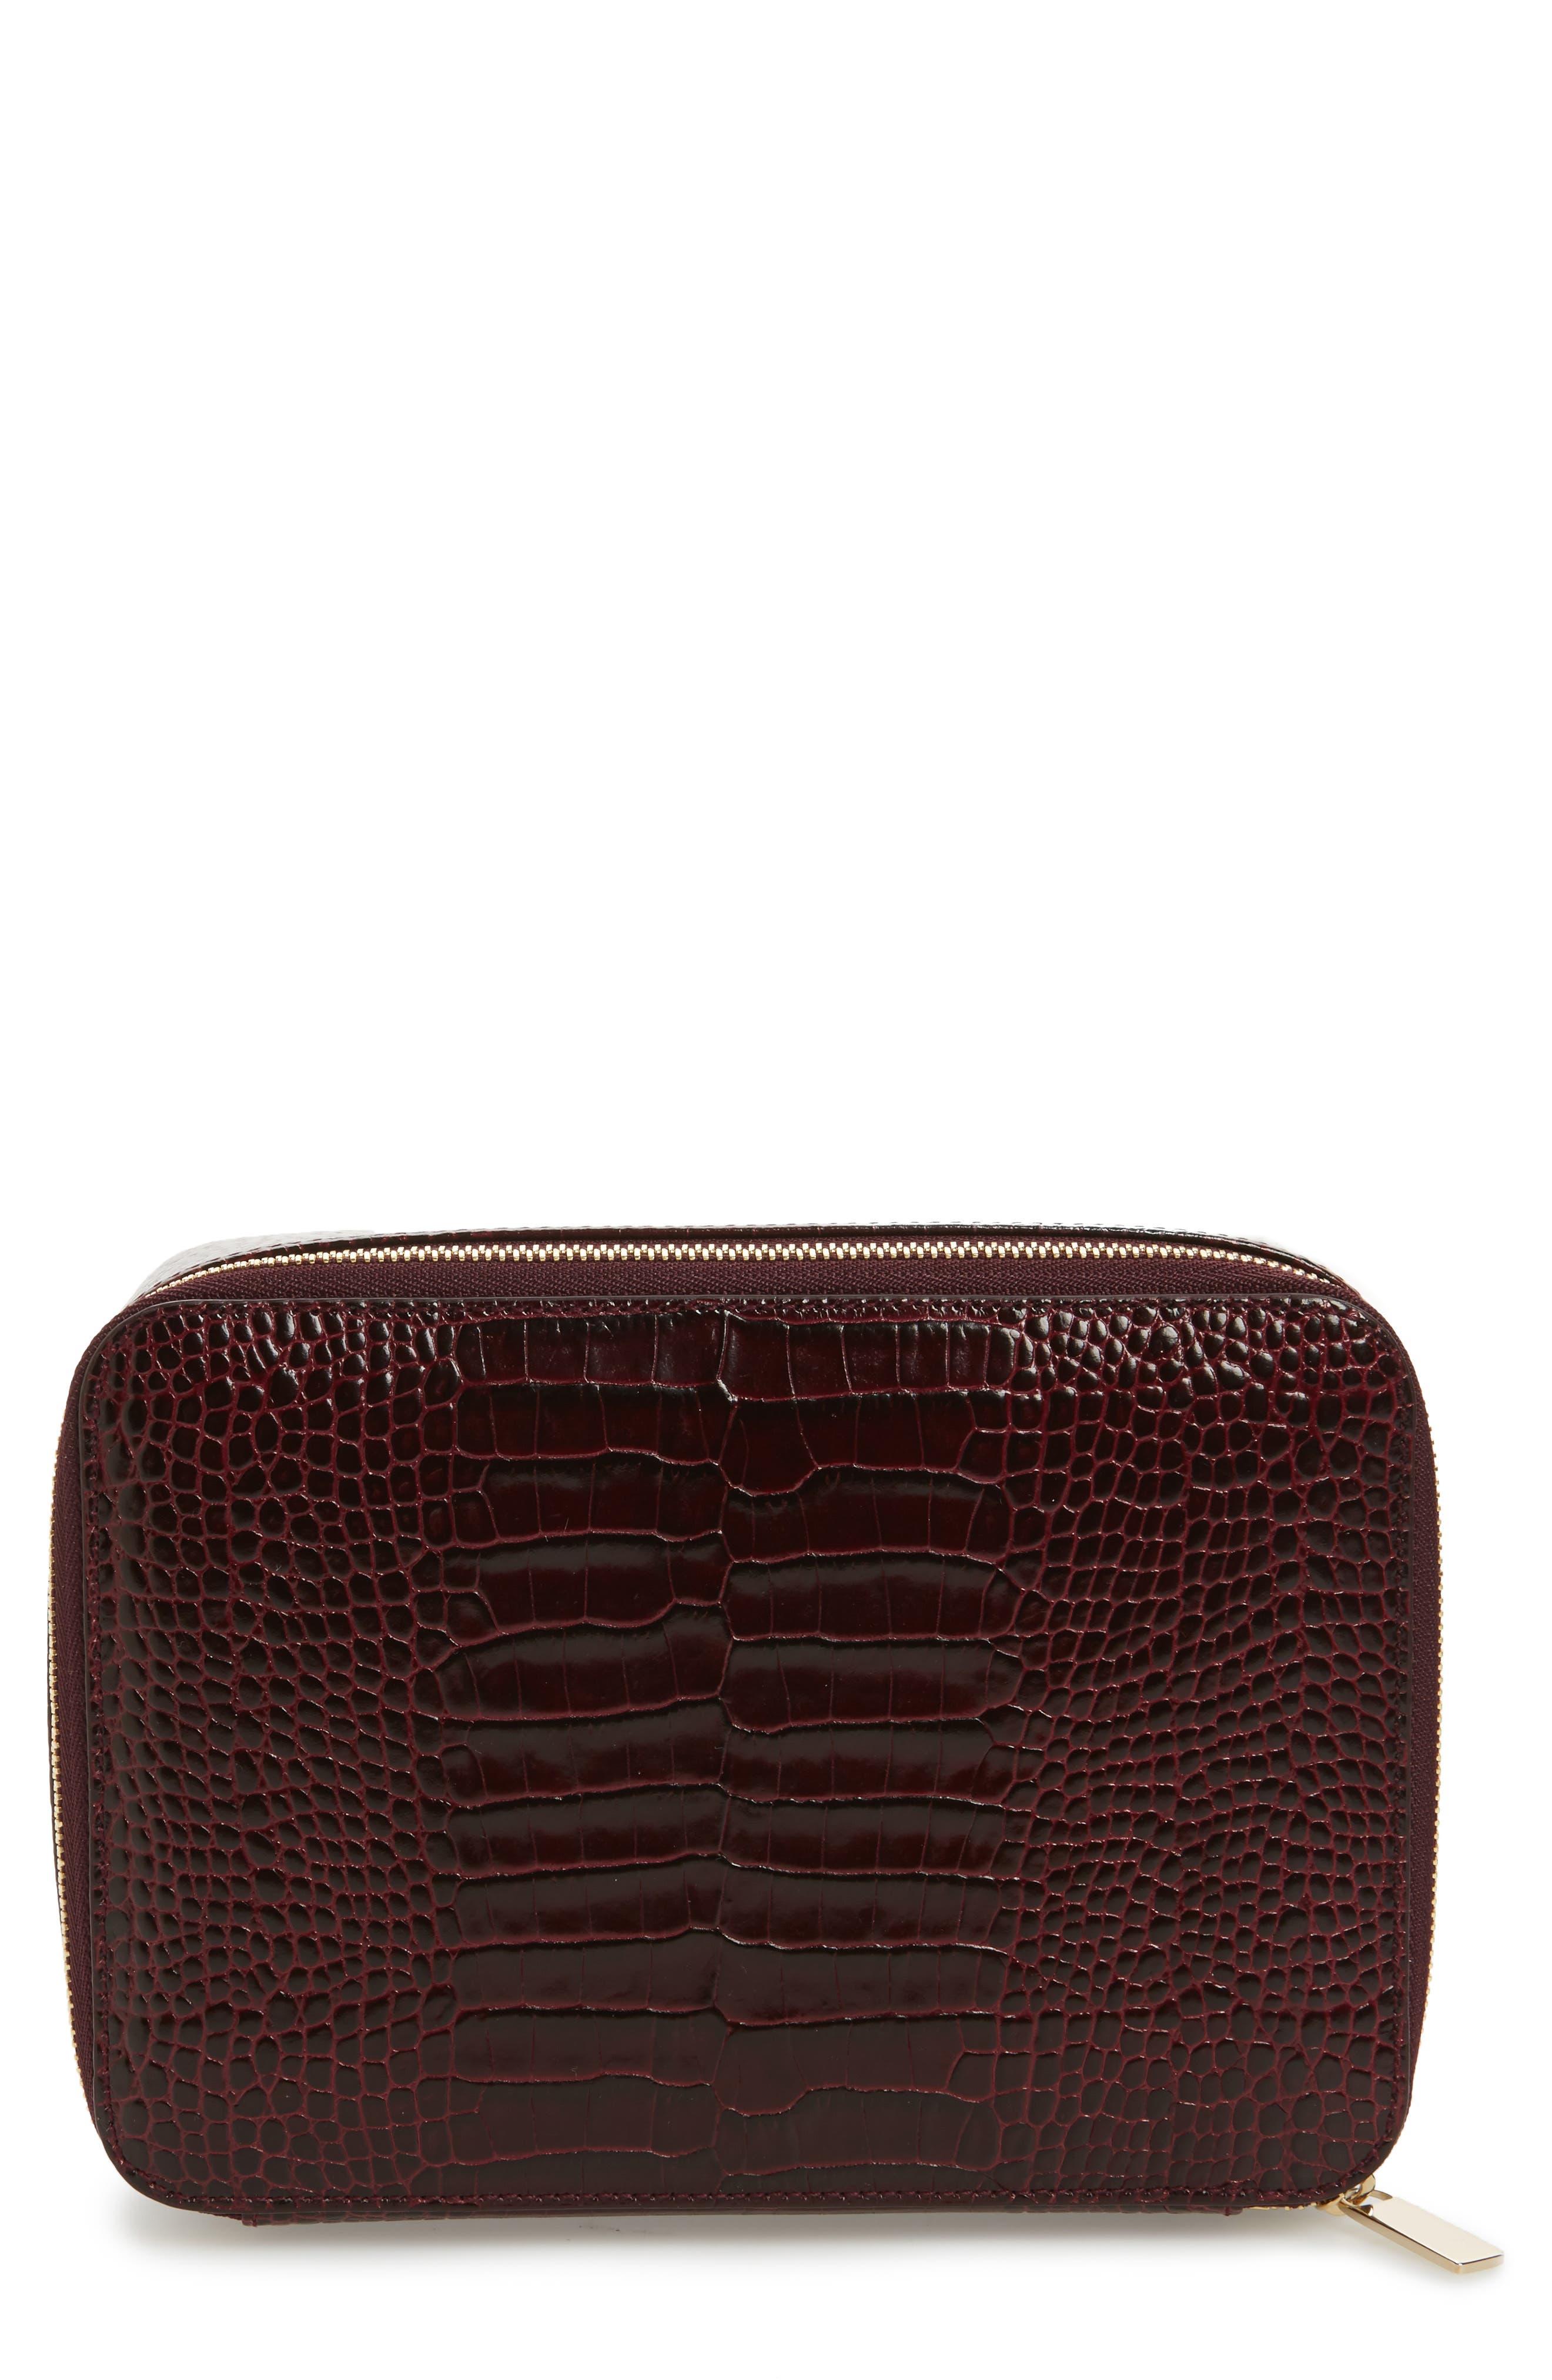 Main Image - Smythson Mara Square Croc Embossed Leather Travel Case